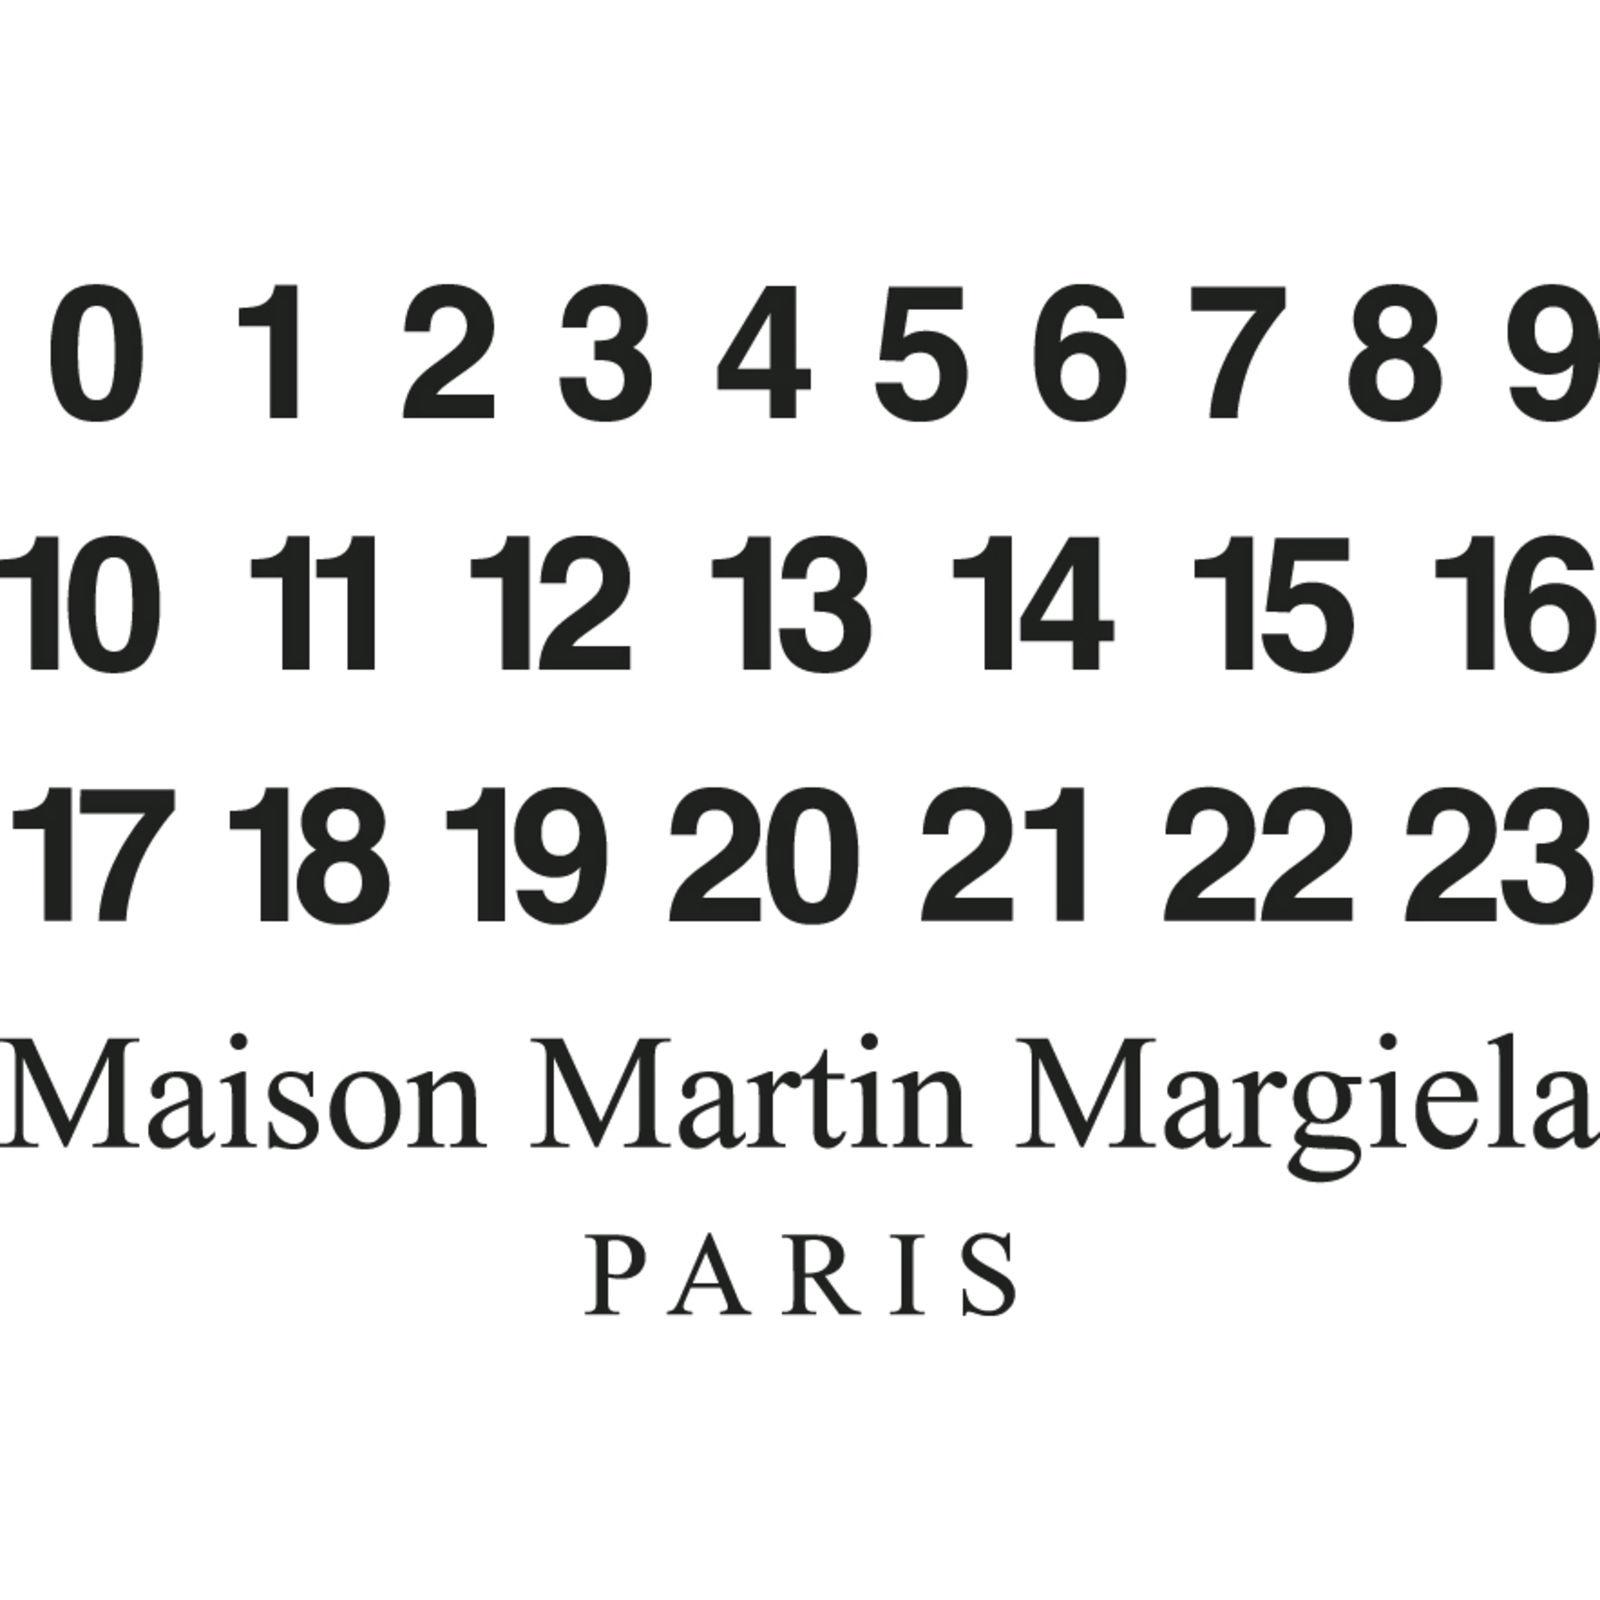 Maison Margiela Artisanal (Image 1)